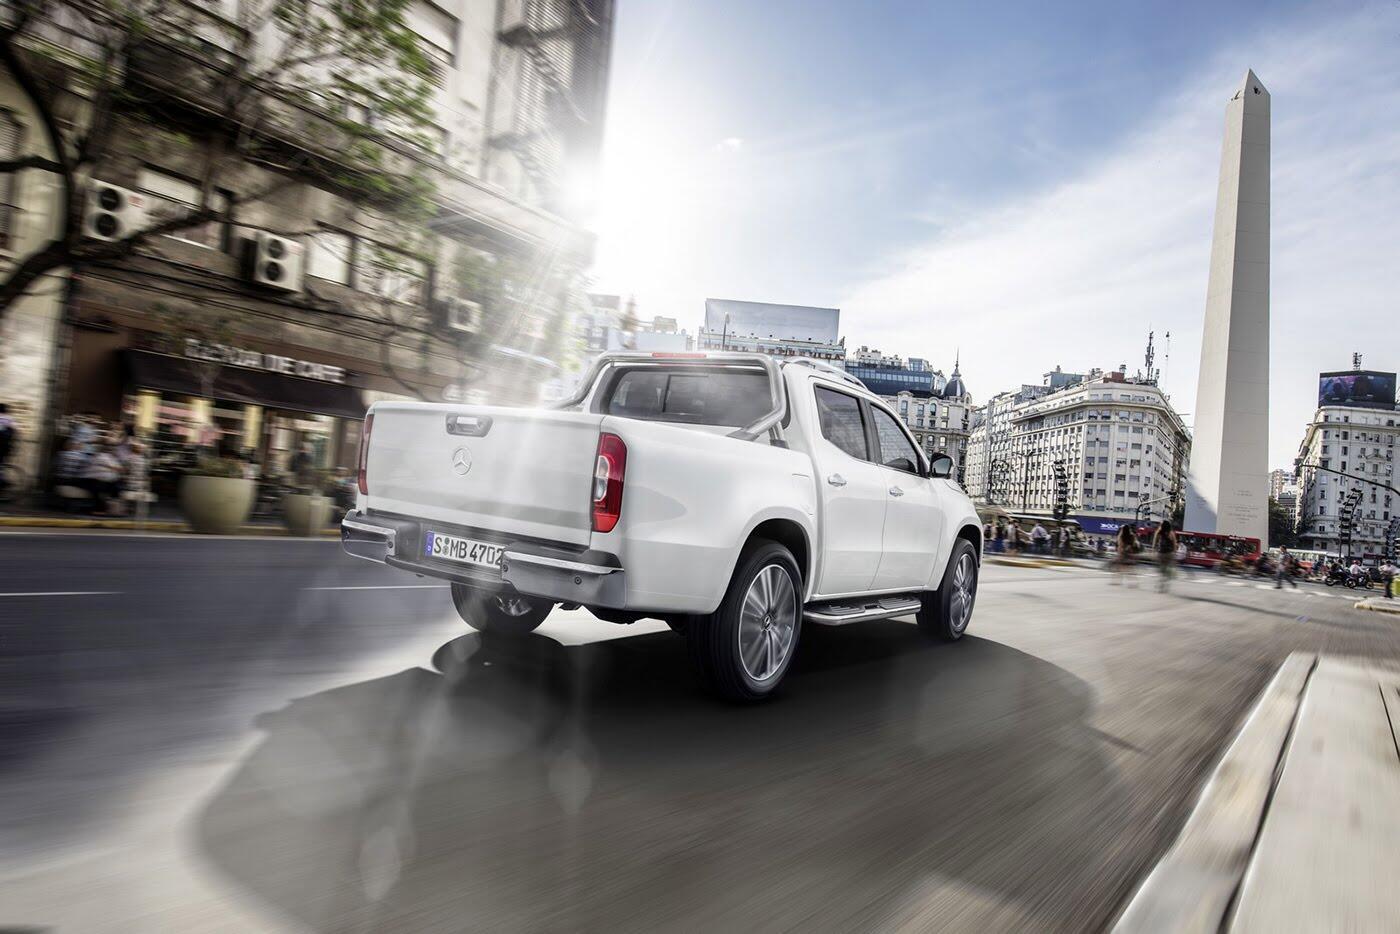 Bán tải Mercedes-Benz X-Class sẽ không có phiên bản động cơ V8 4.0L - Hình 3